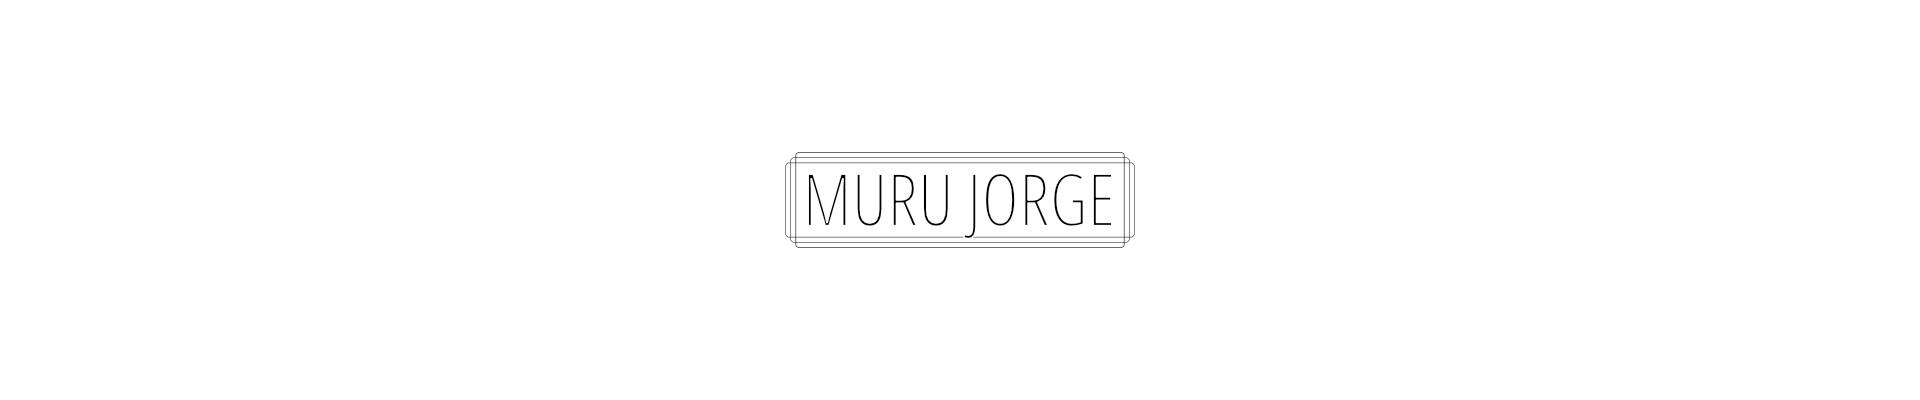 Muru Jorge